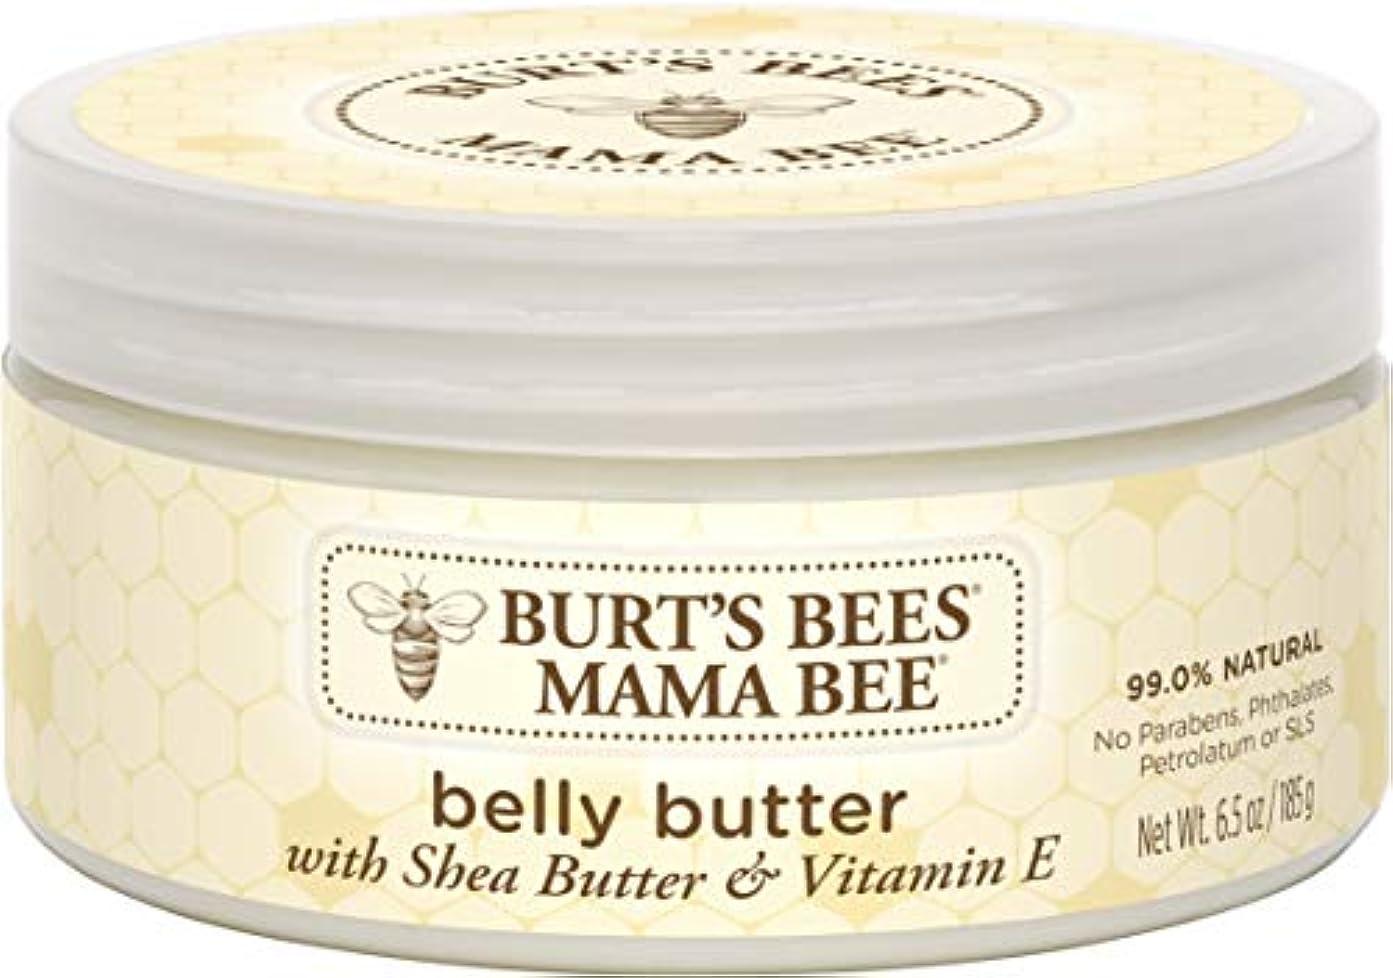 栄養アコー元のBurt's Beets ママビー産前、産後のためのお腹専用バター185g**並行輸入 [並行輸入品]